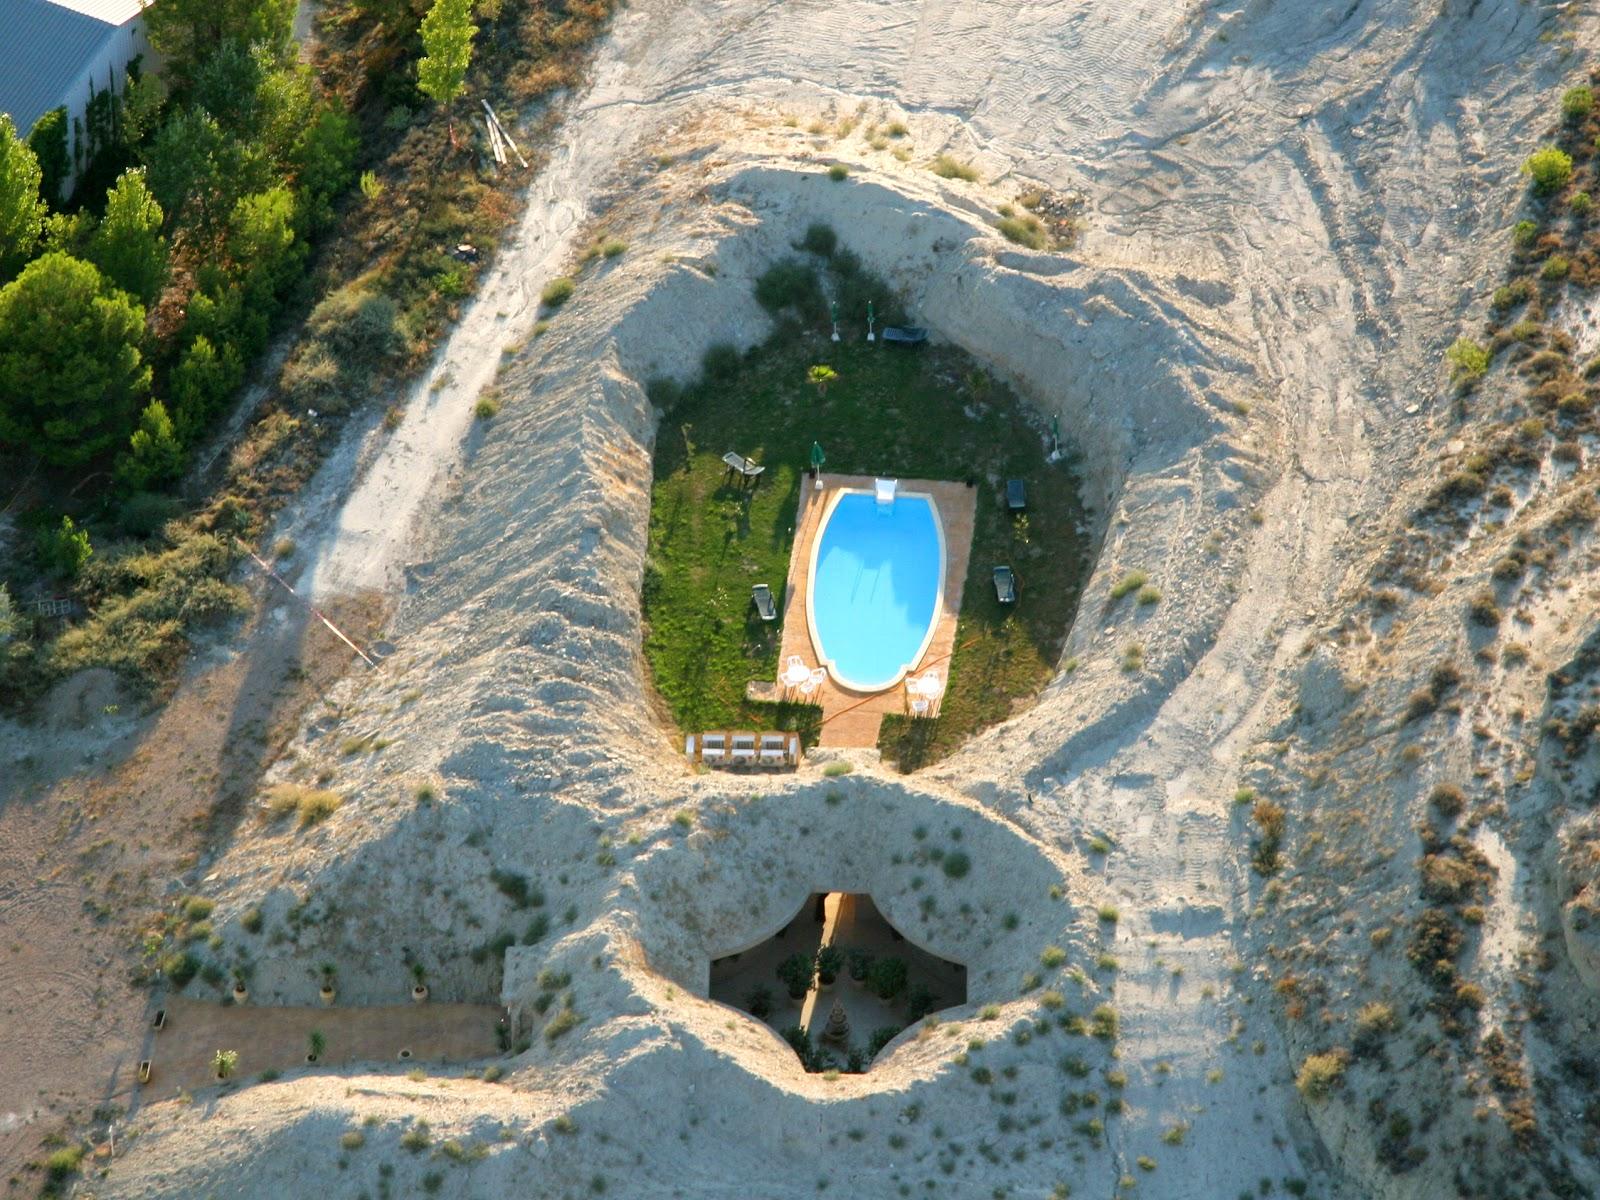 Vista au00e9rea del Hotel Cueva Tardienta Monegros